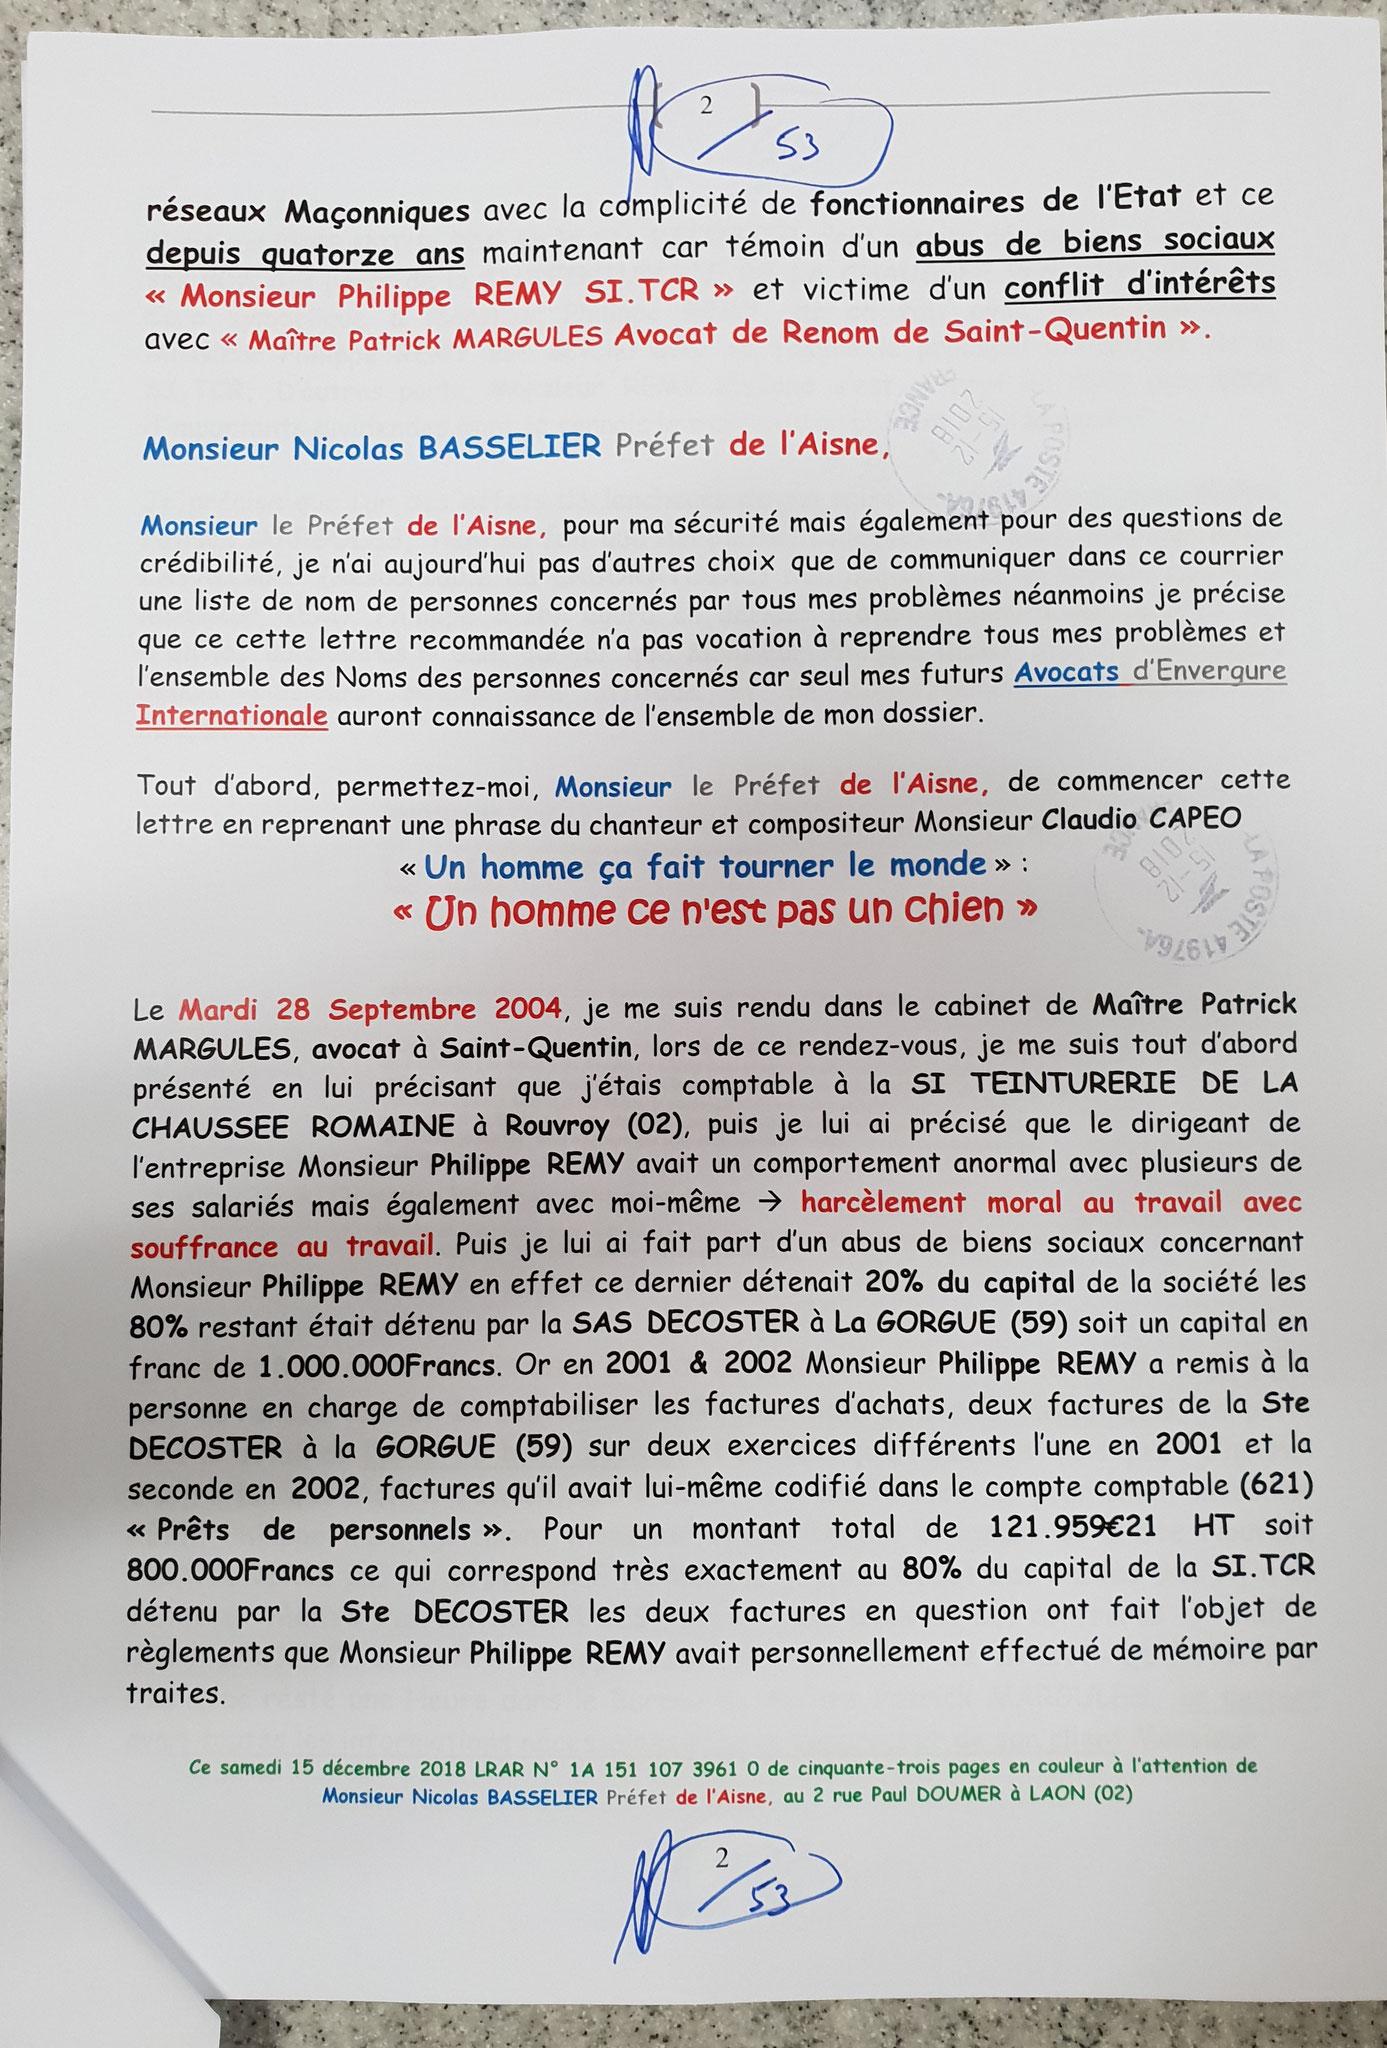 Ma lettre recommandée du 15 Décembre 2015 N° 1A 151 107 3961 0 au Préfet de Police de l'Aisne Monsieur Nicolas BASSELIER #StopCorruptionStop #StopMafia www.jenesuispasunchien.fr www.jesuispatrick.fr www.jesuisvictime.fr